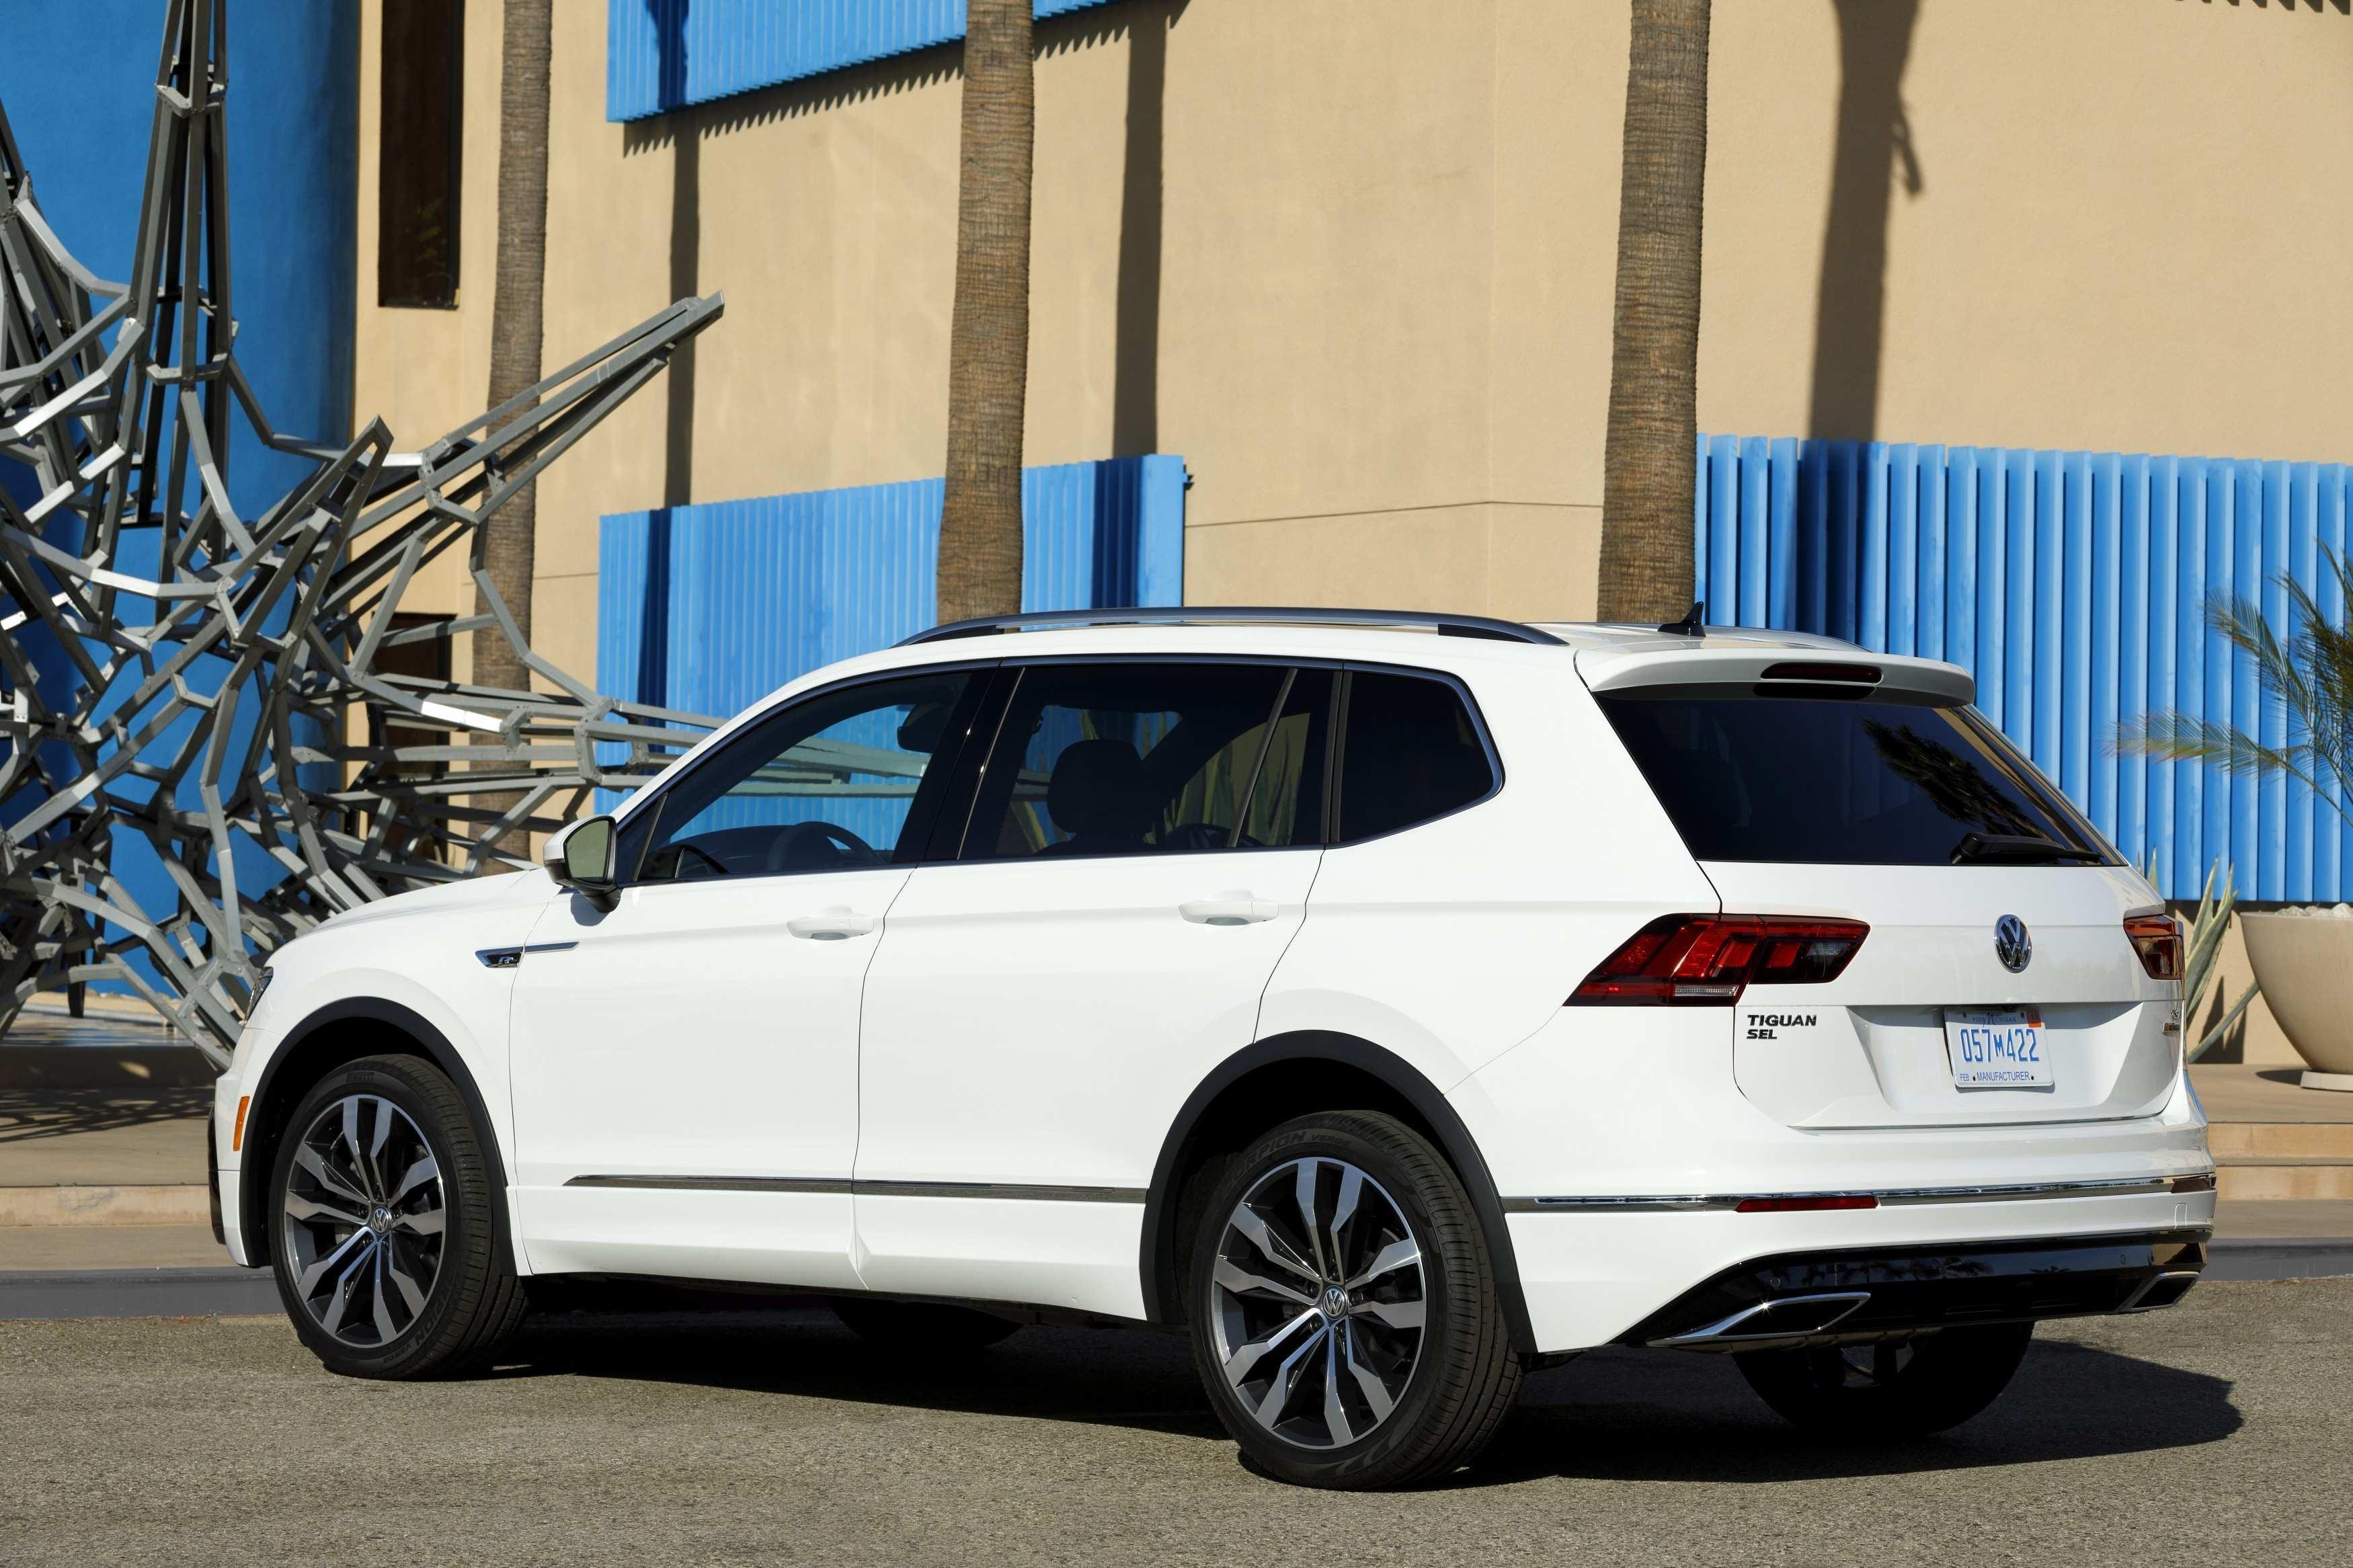 83 All New Best Volkswagen Tiguan 2019 Review Concept Redesign for Best Volkswagen Tiguan 2019 Review Concept